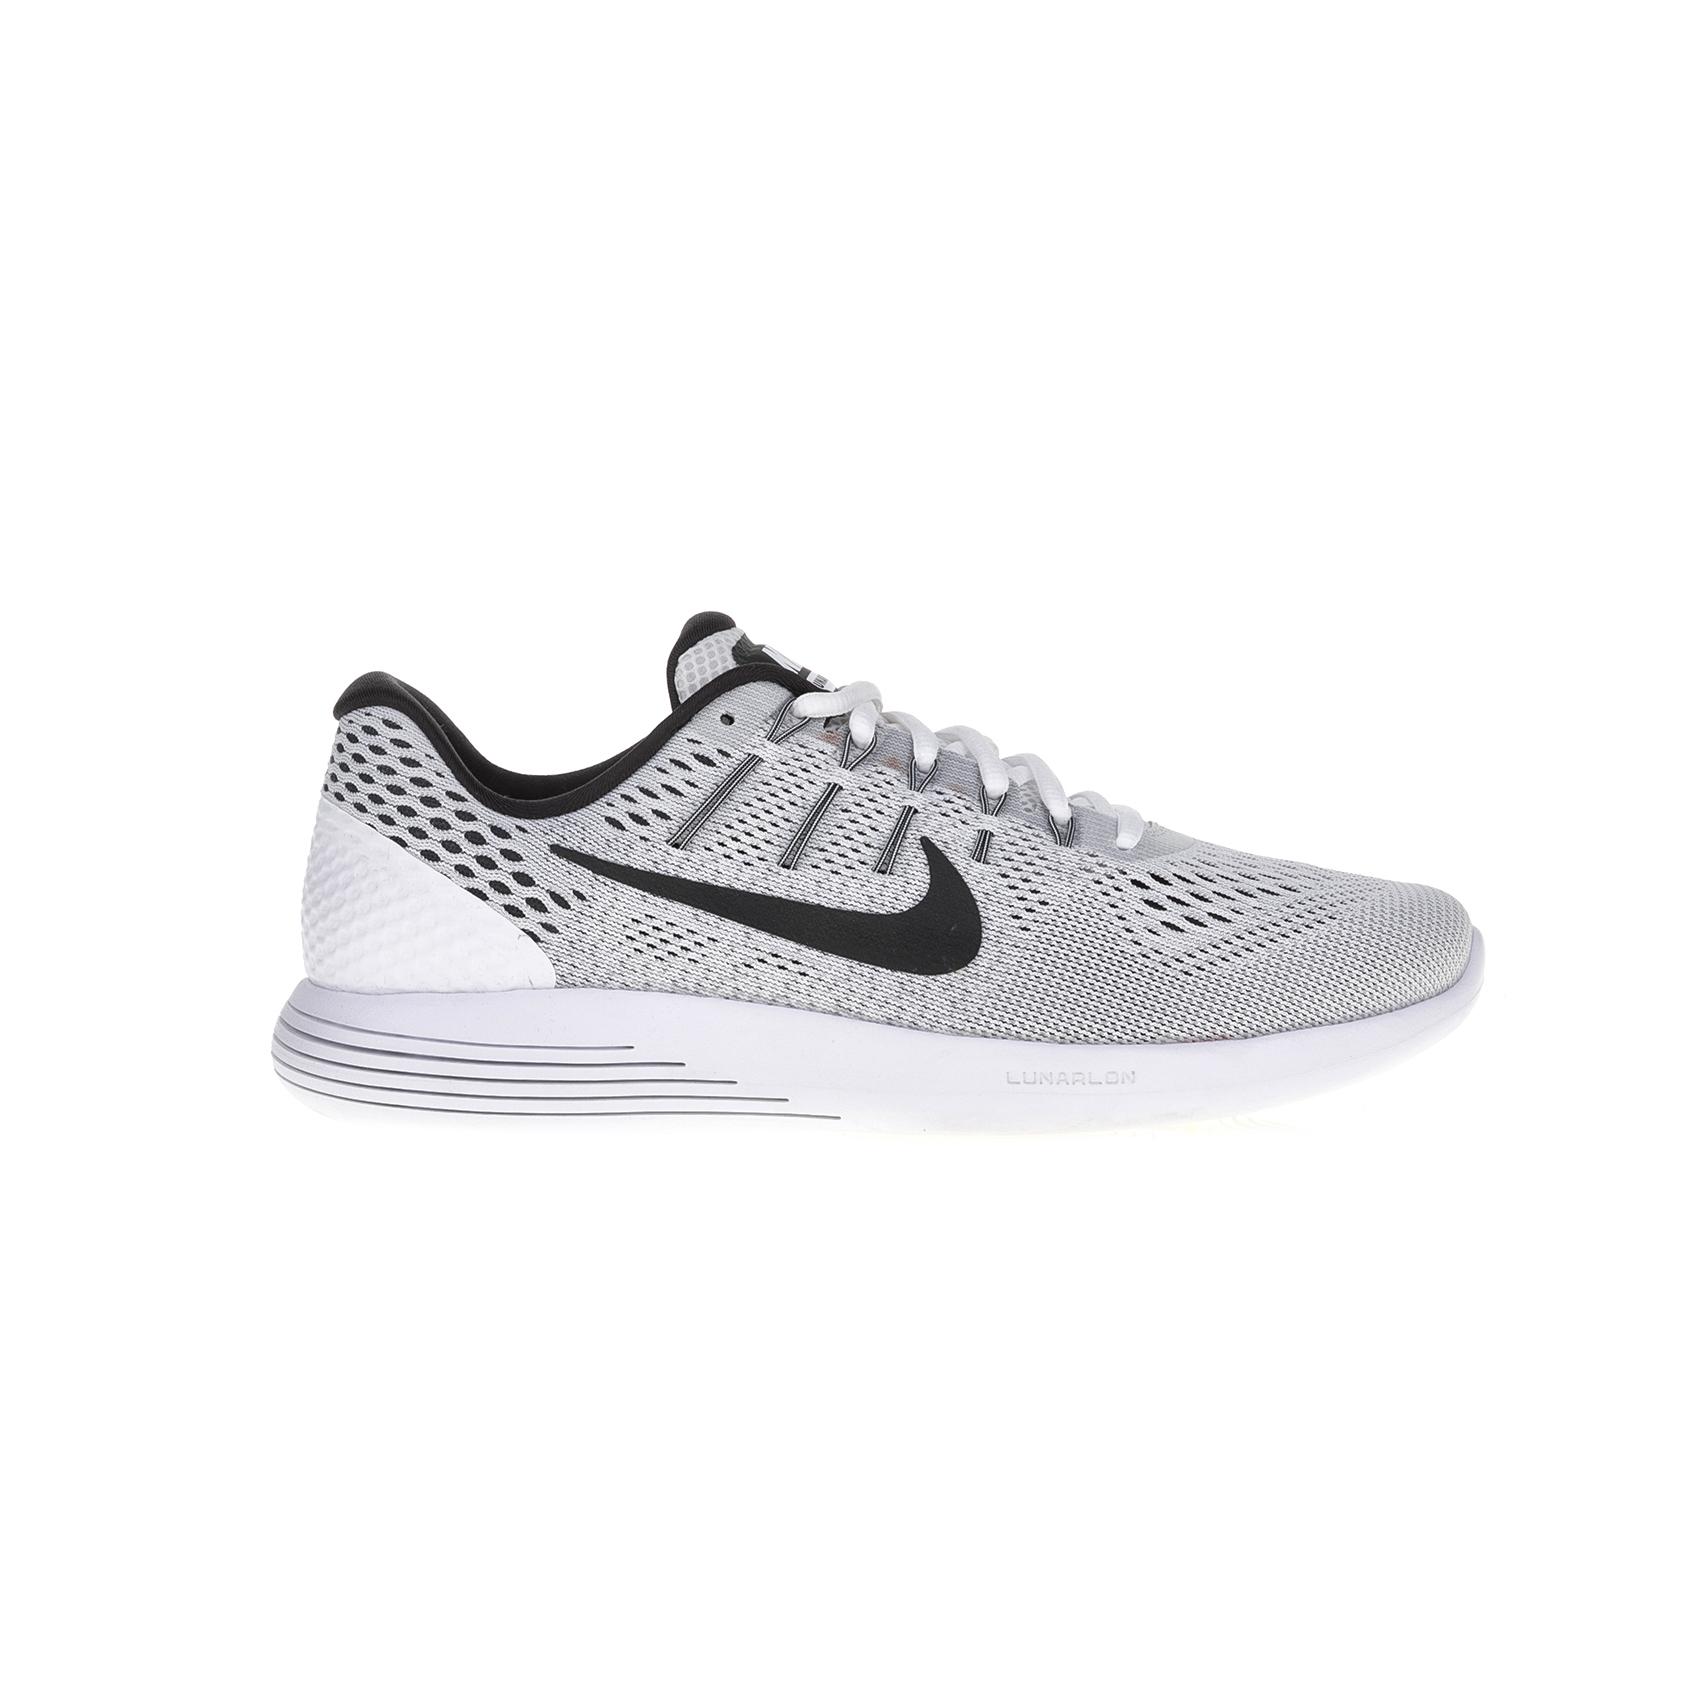 NIKE – Ανδρικά αθλητικά παπούτσια Nike LUNARGLIDE 8 SHIELD γκρι